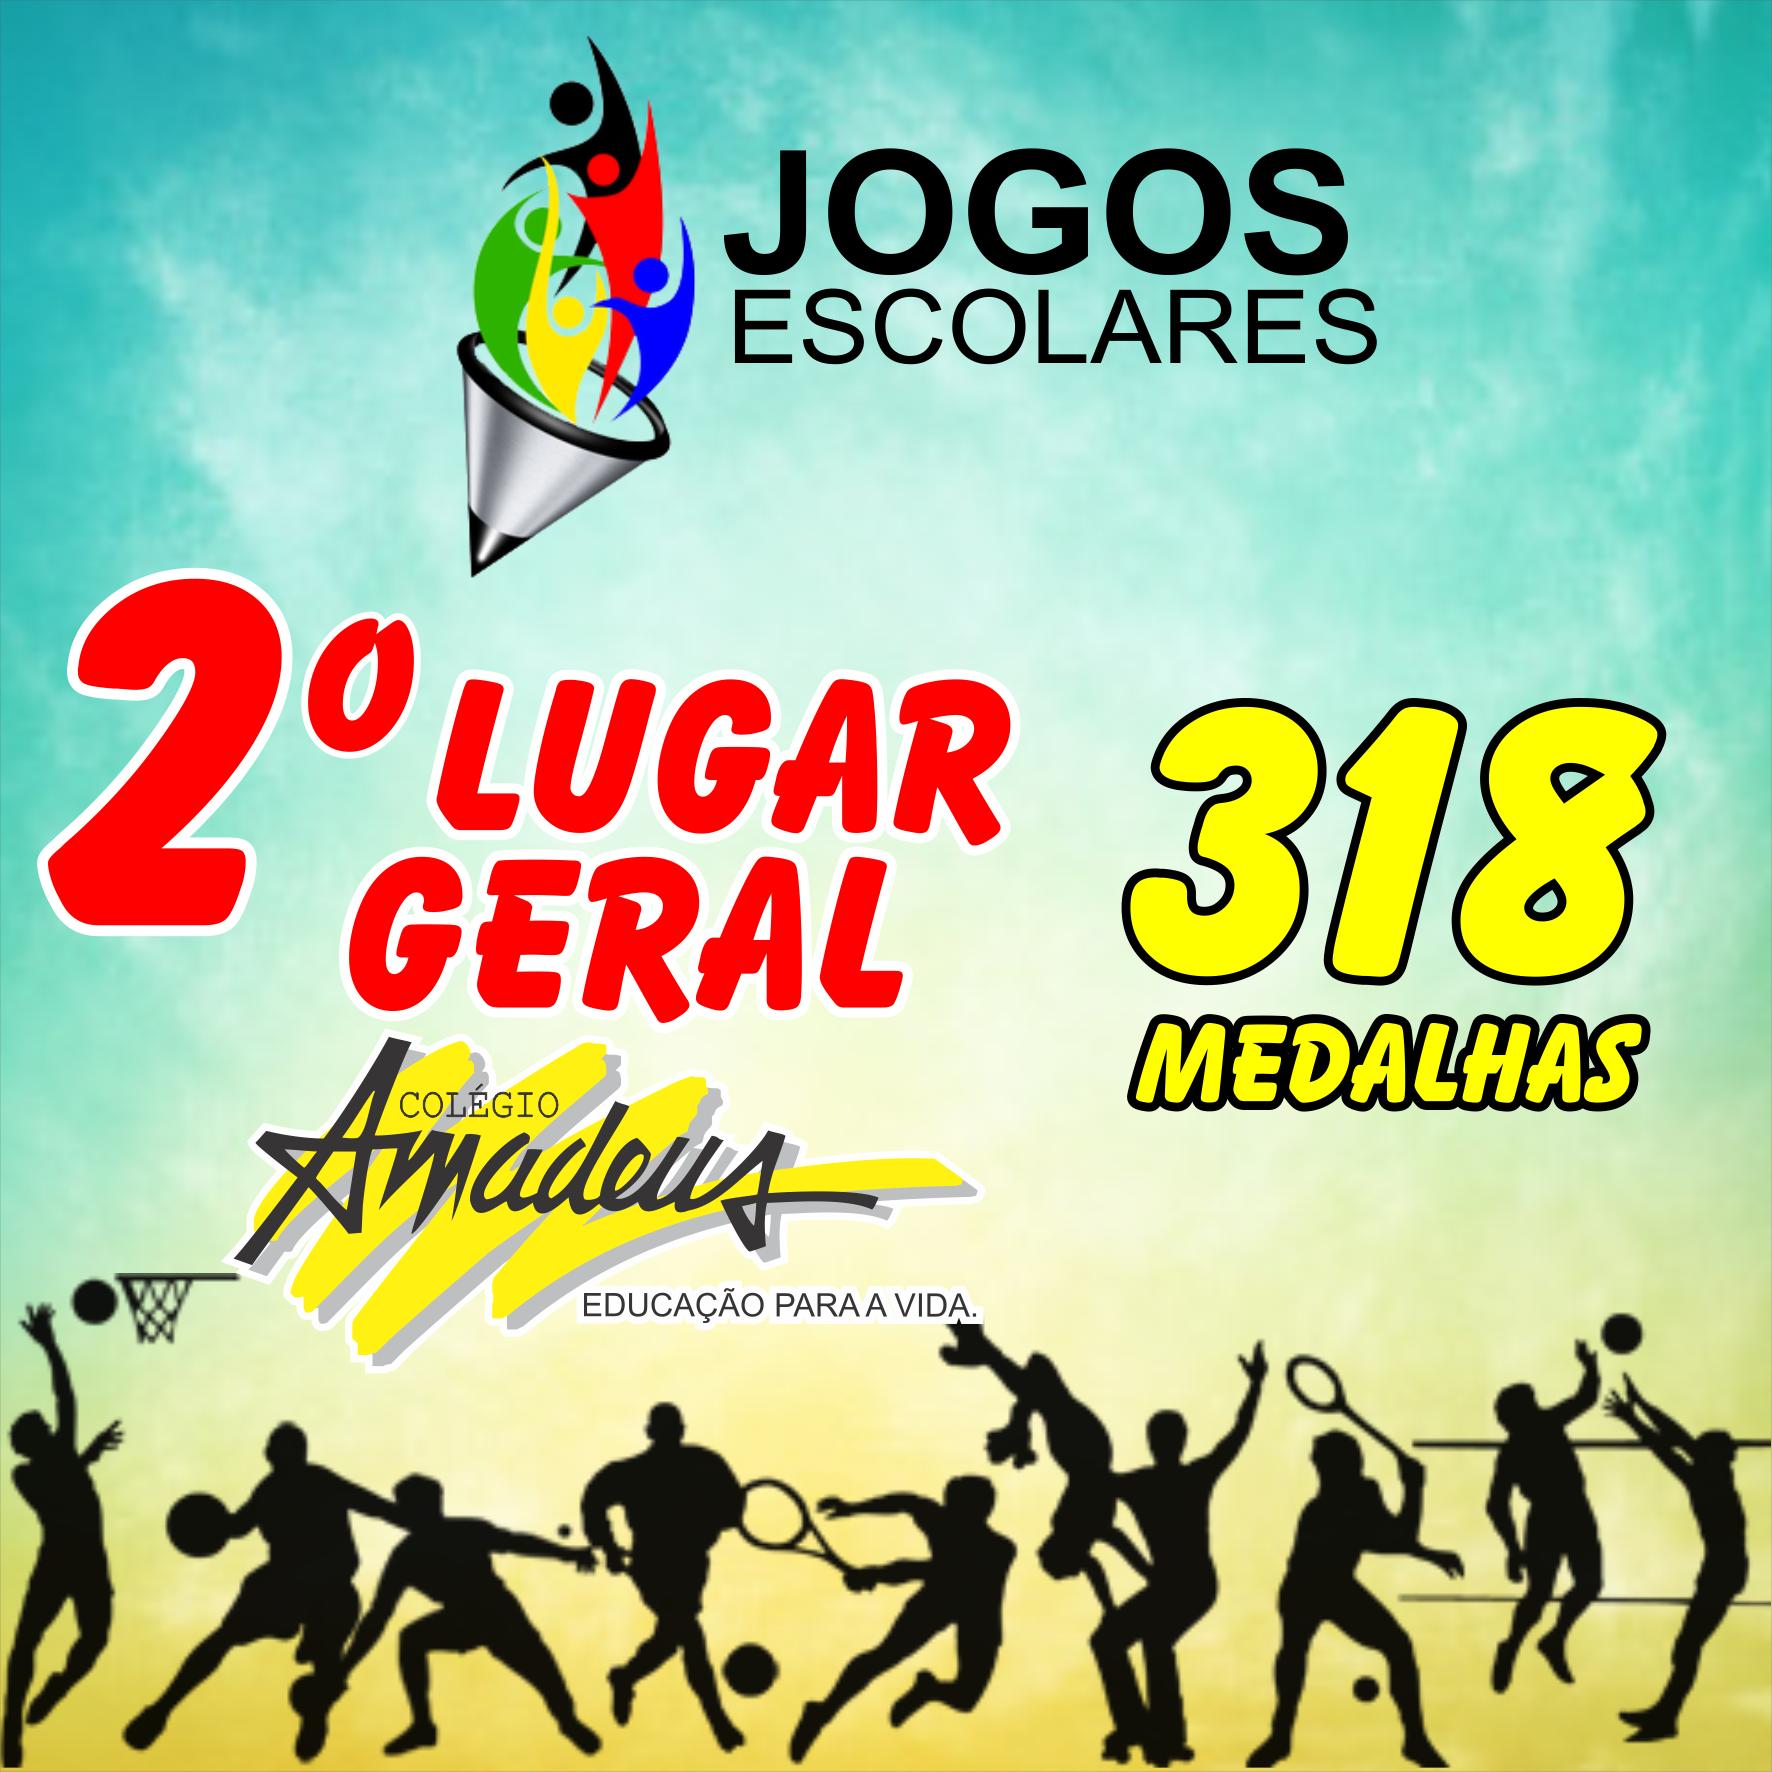 O colégio Amadeus é 2° Lugar GERAL dos JOGOS ESCOLARES TV SERGIPE 2016